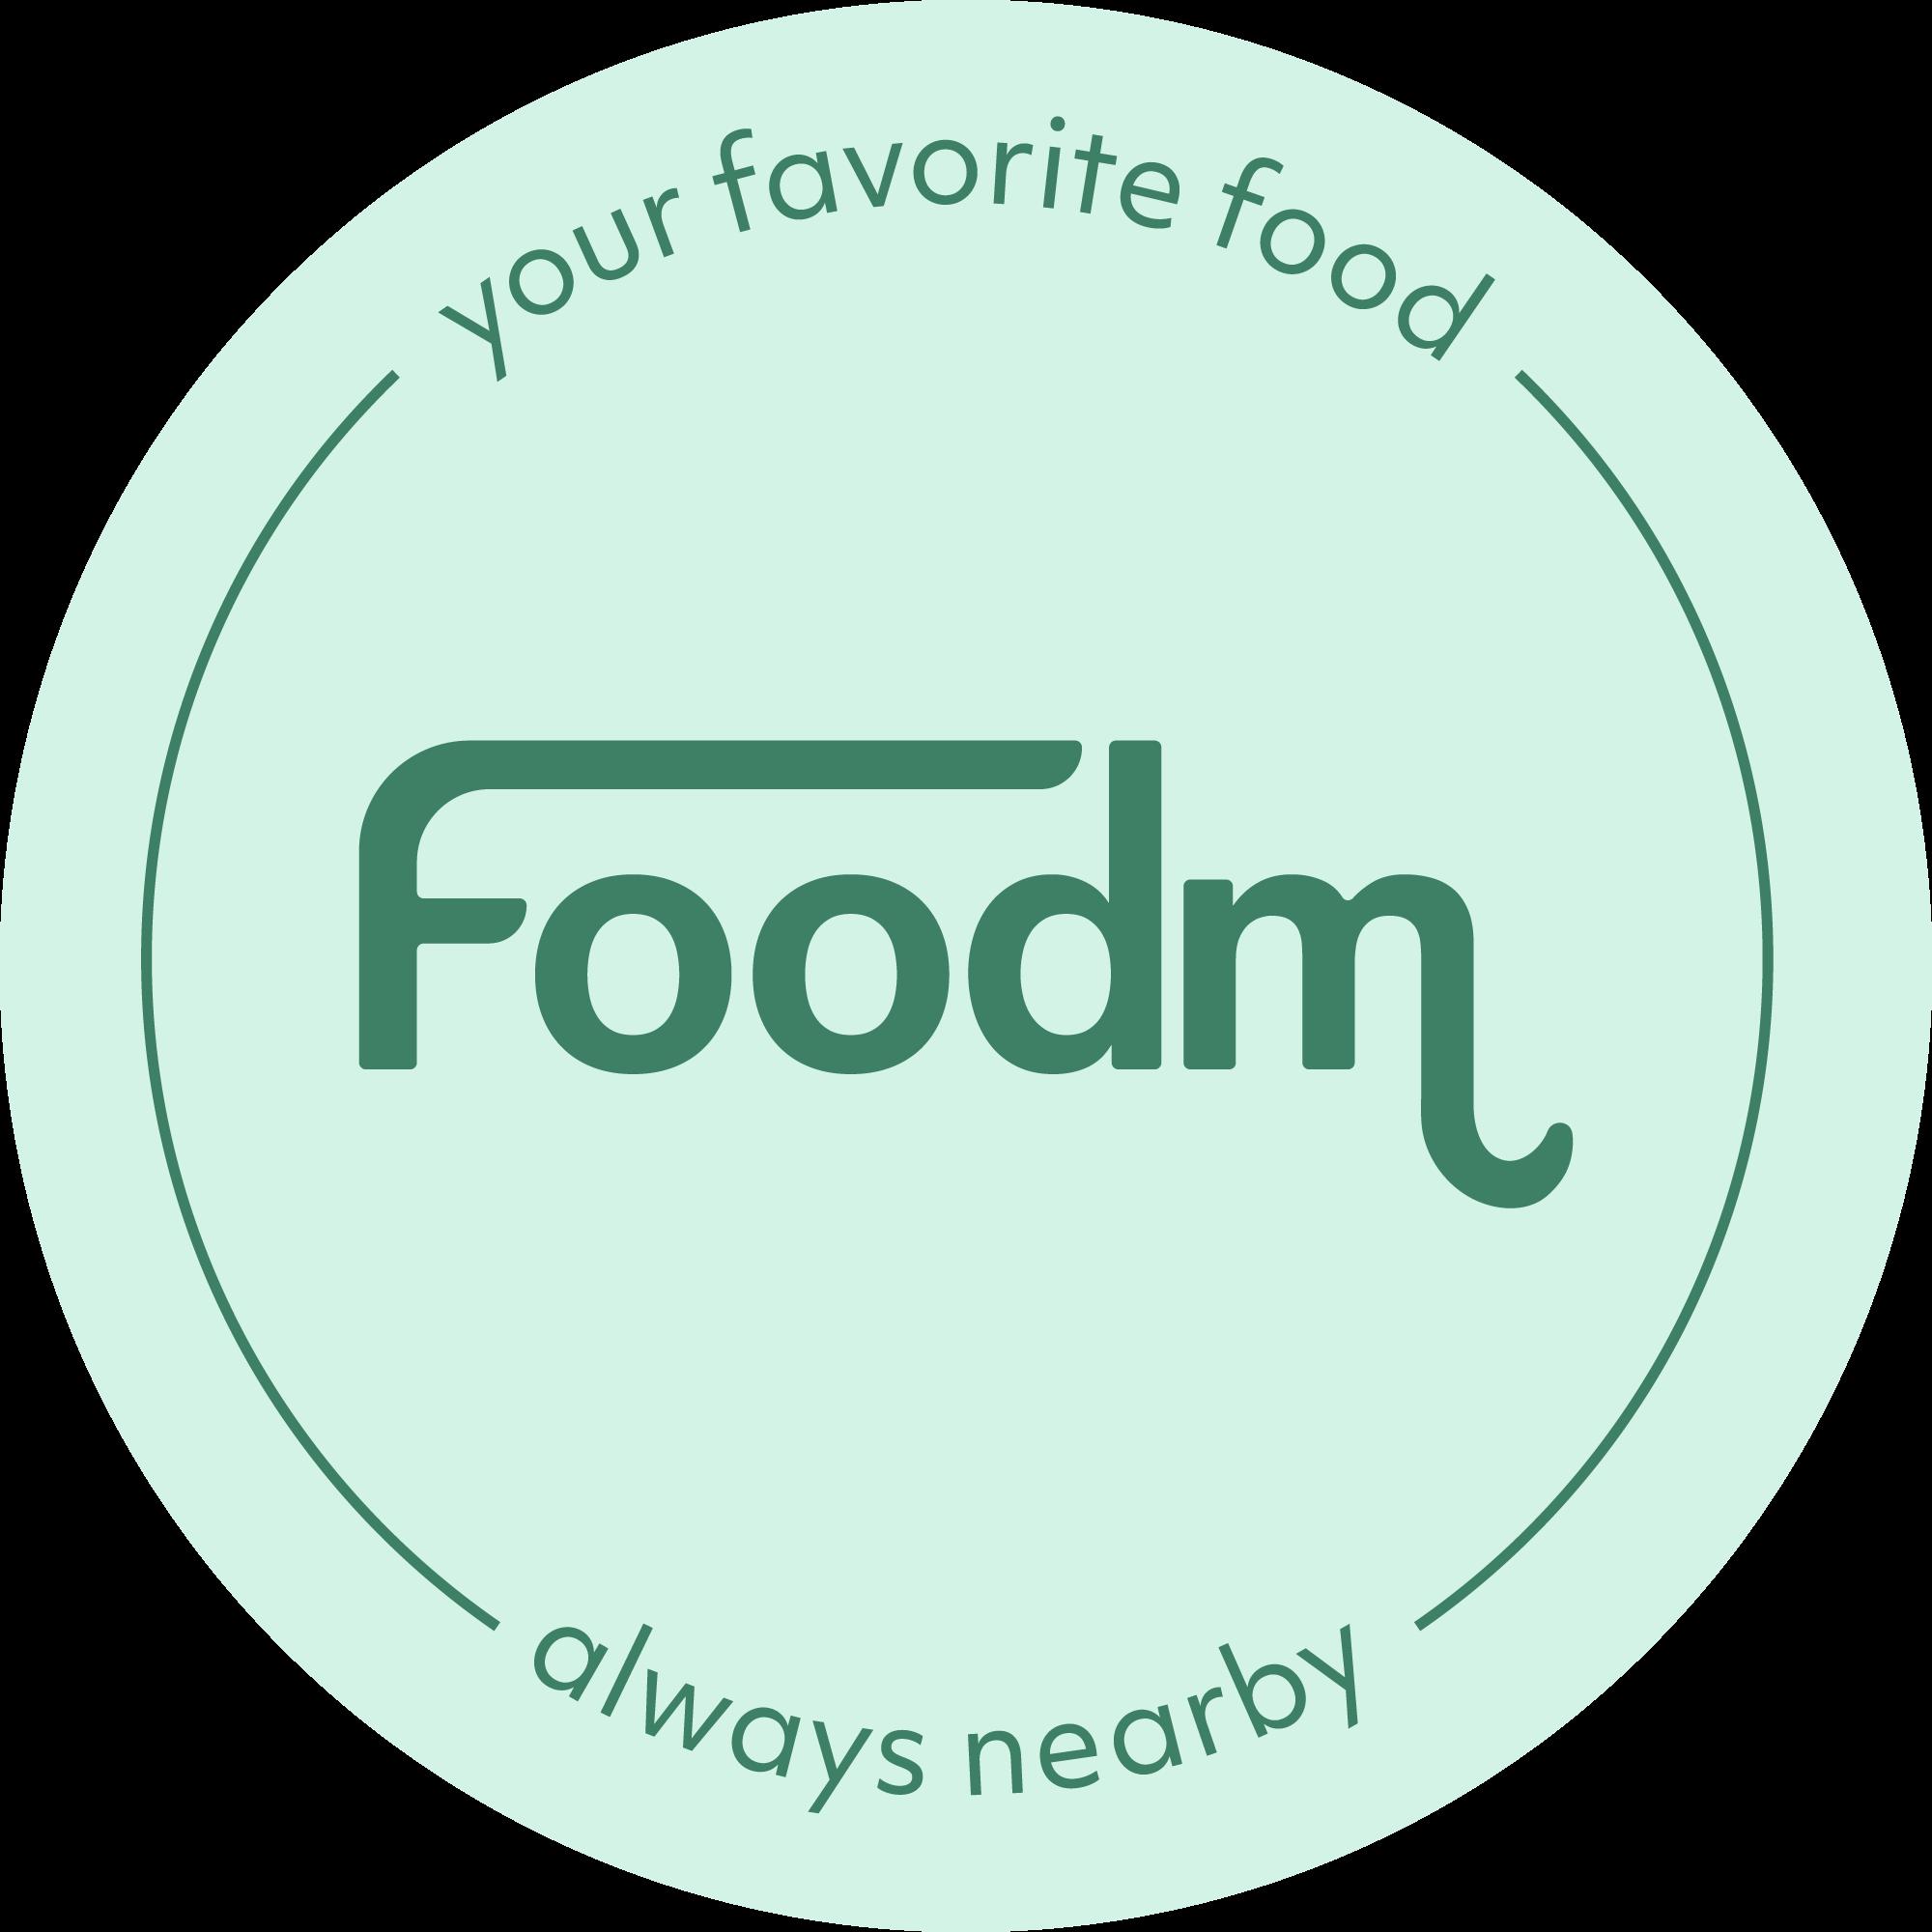 Foodm